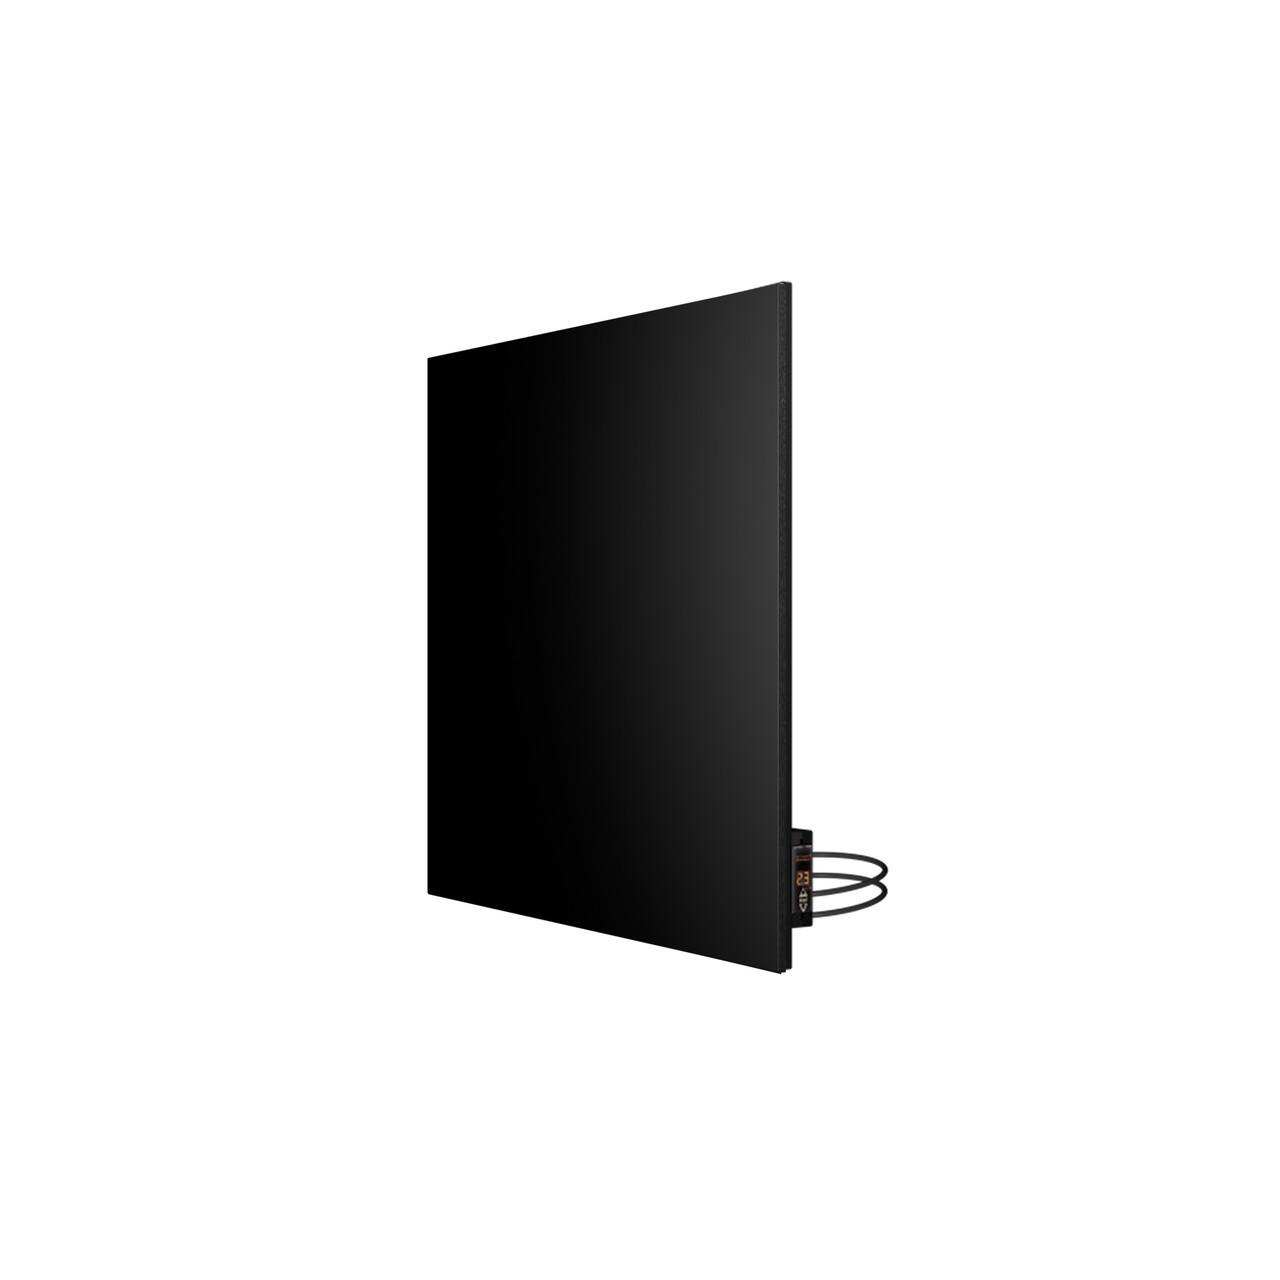 Панель керамічна інфрачервона (керамічний обігрівач) Теплокерамик TC500R з терморегулятором (Чорний)